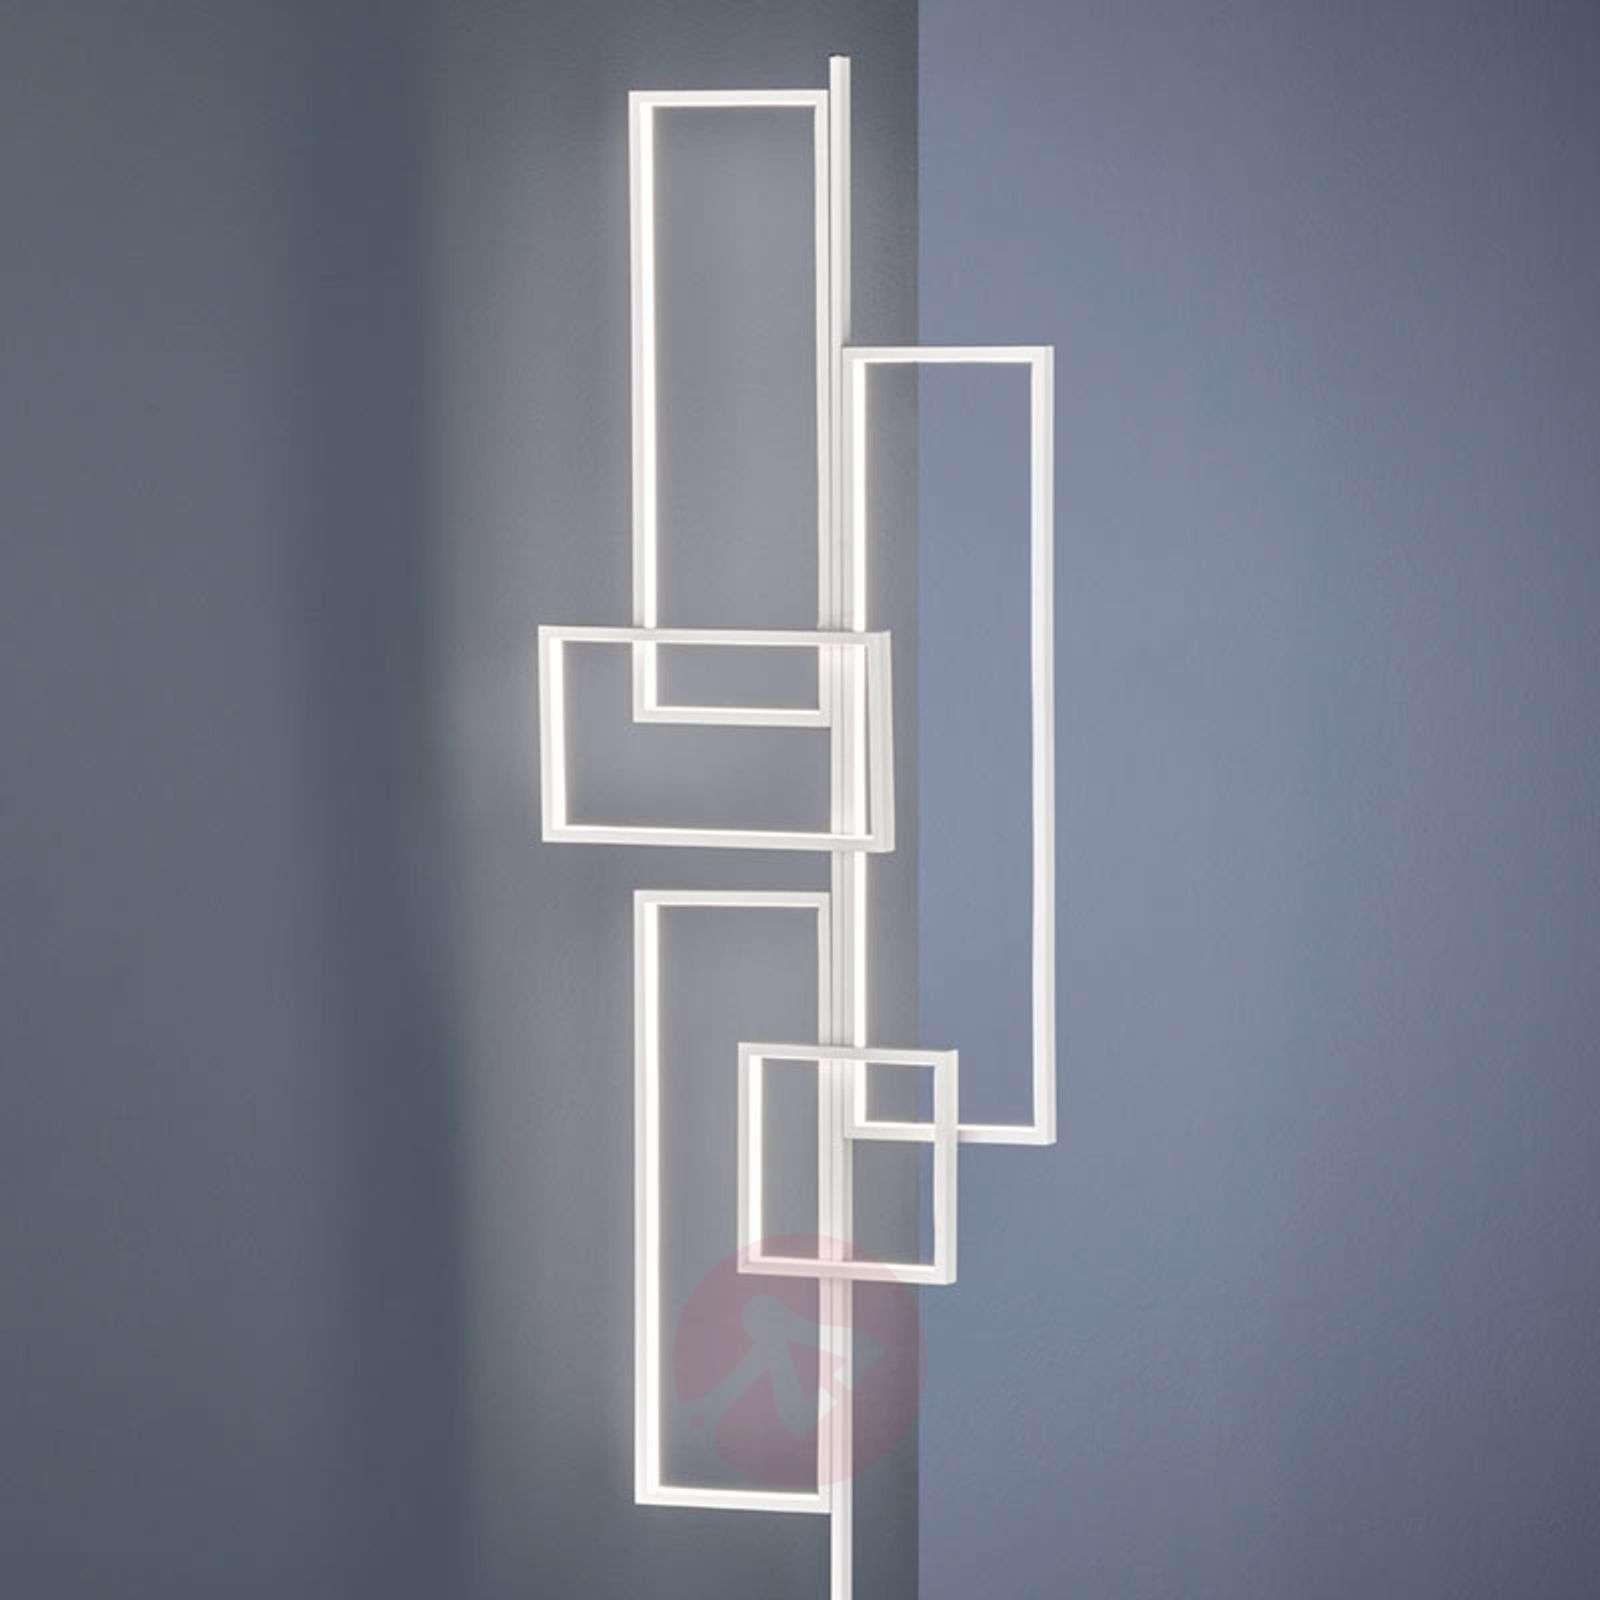 Himmennettävä LED-lattialamppu Tucson jalkakytkin-9005519-01